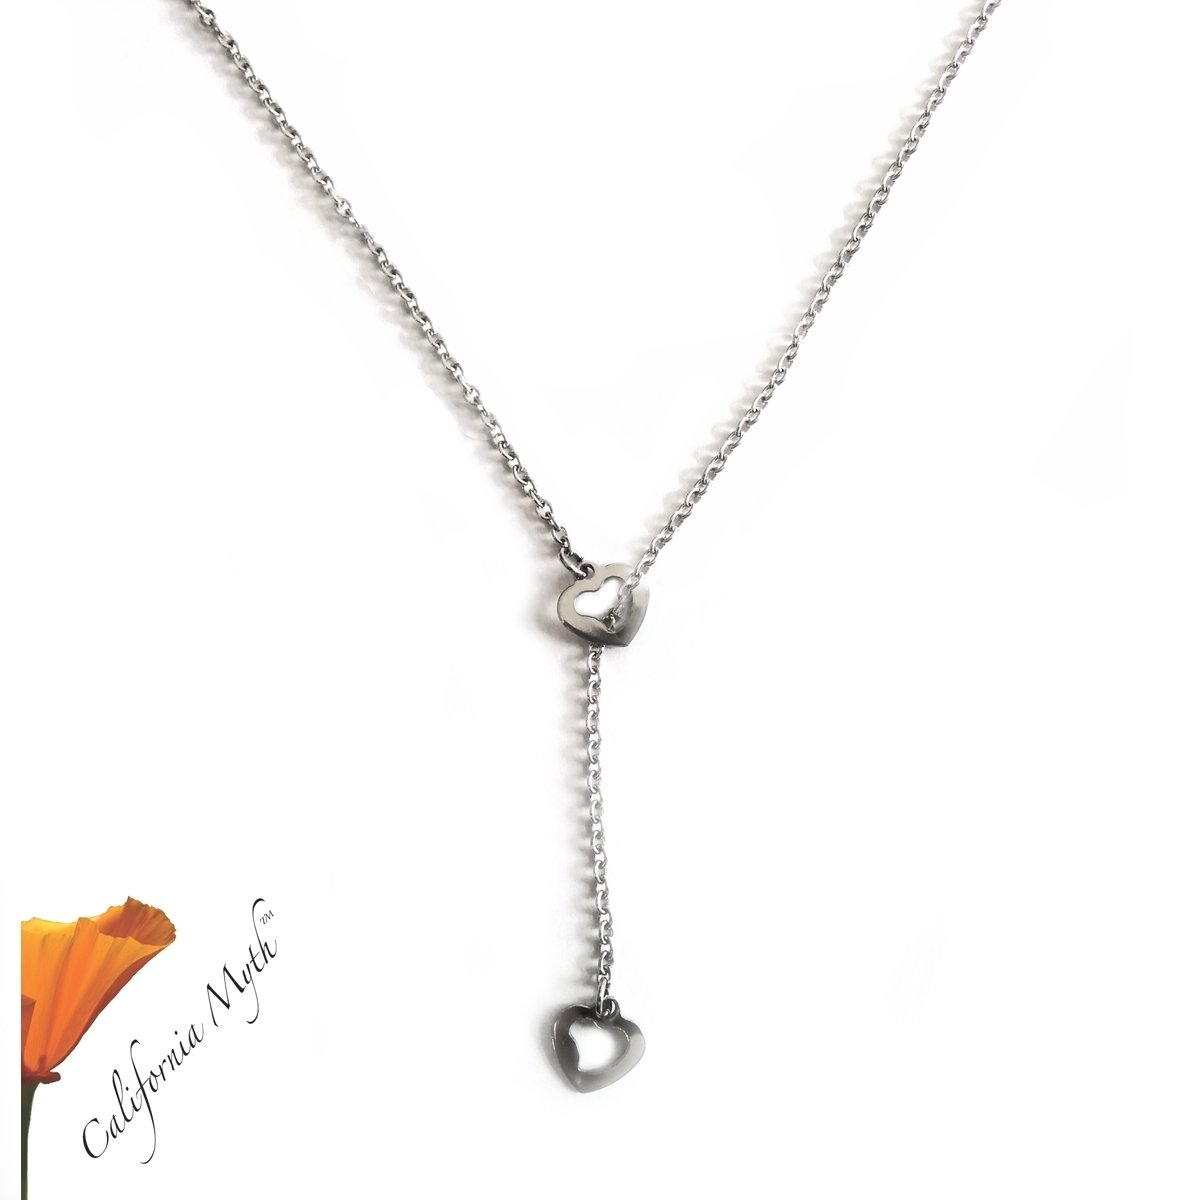 Adjustable Y Hearts Necklace